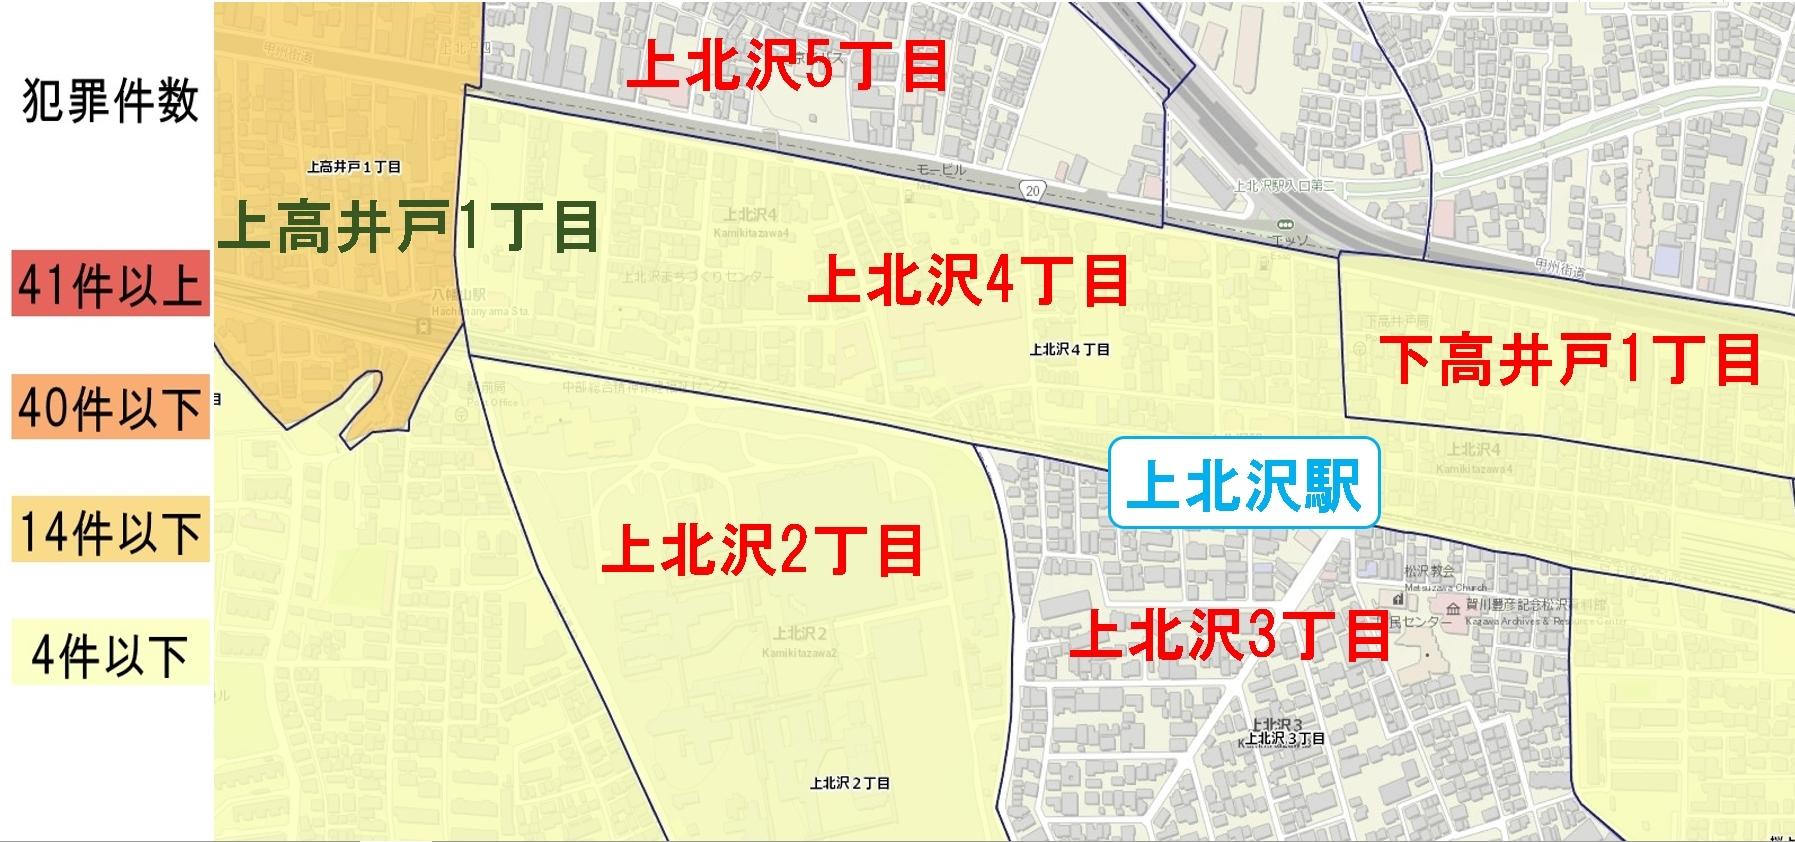 上北沢駅周辺の粗暴犯の犯罪件数マップ